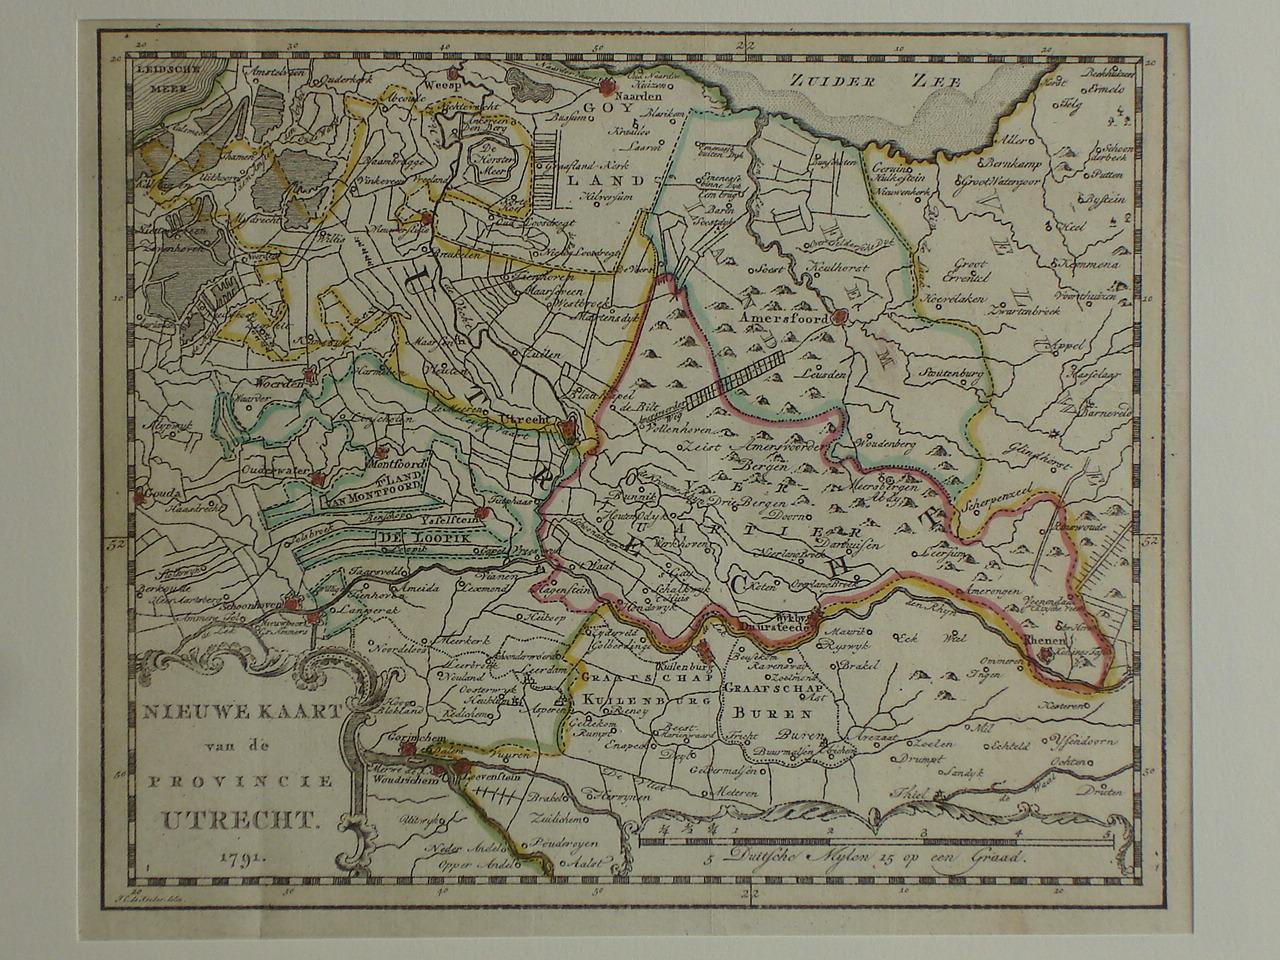 UTRECHT. - Nieuwe Kaart van de Provincie Utrecht.